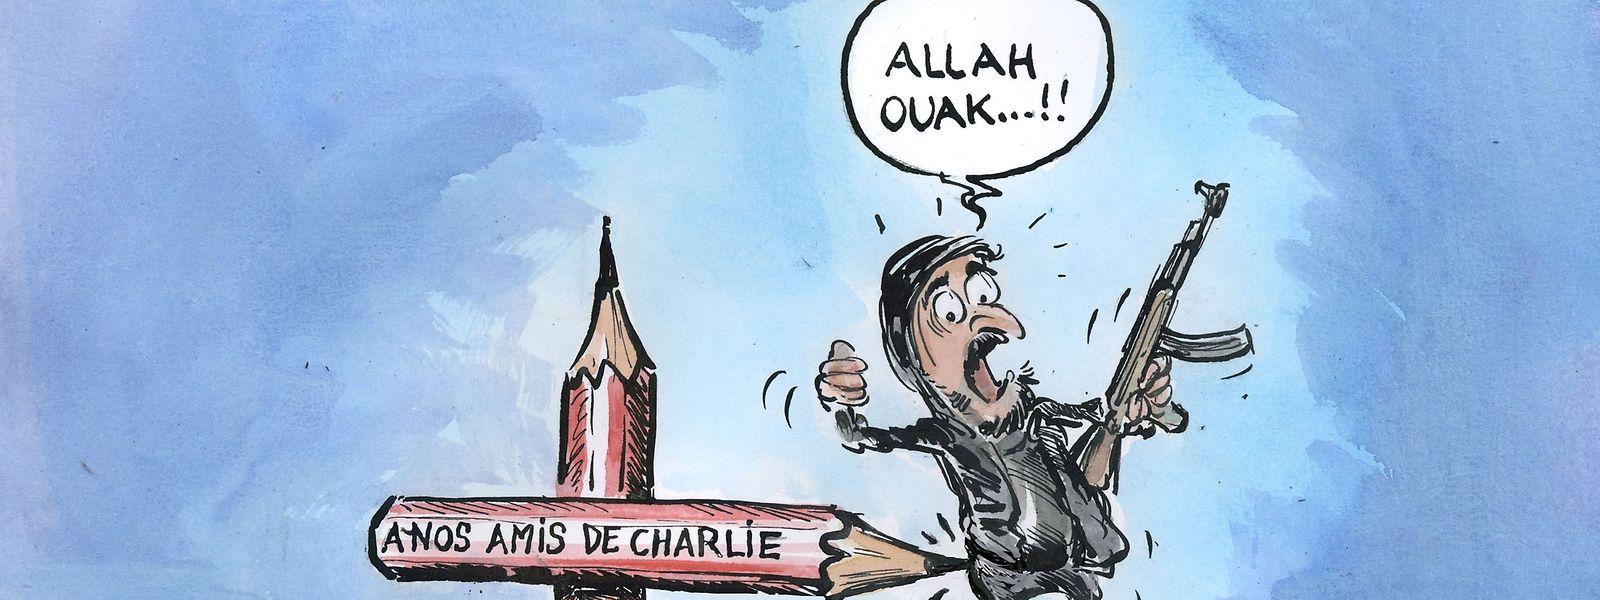 La caricature publiée dans le «Tageblatt» par Carlo Schneider au lendemain de l'attentat dans les locaux de «Charlie Hebdo» qui a fait 12 morts le 7 janvier 2015.